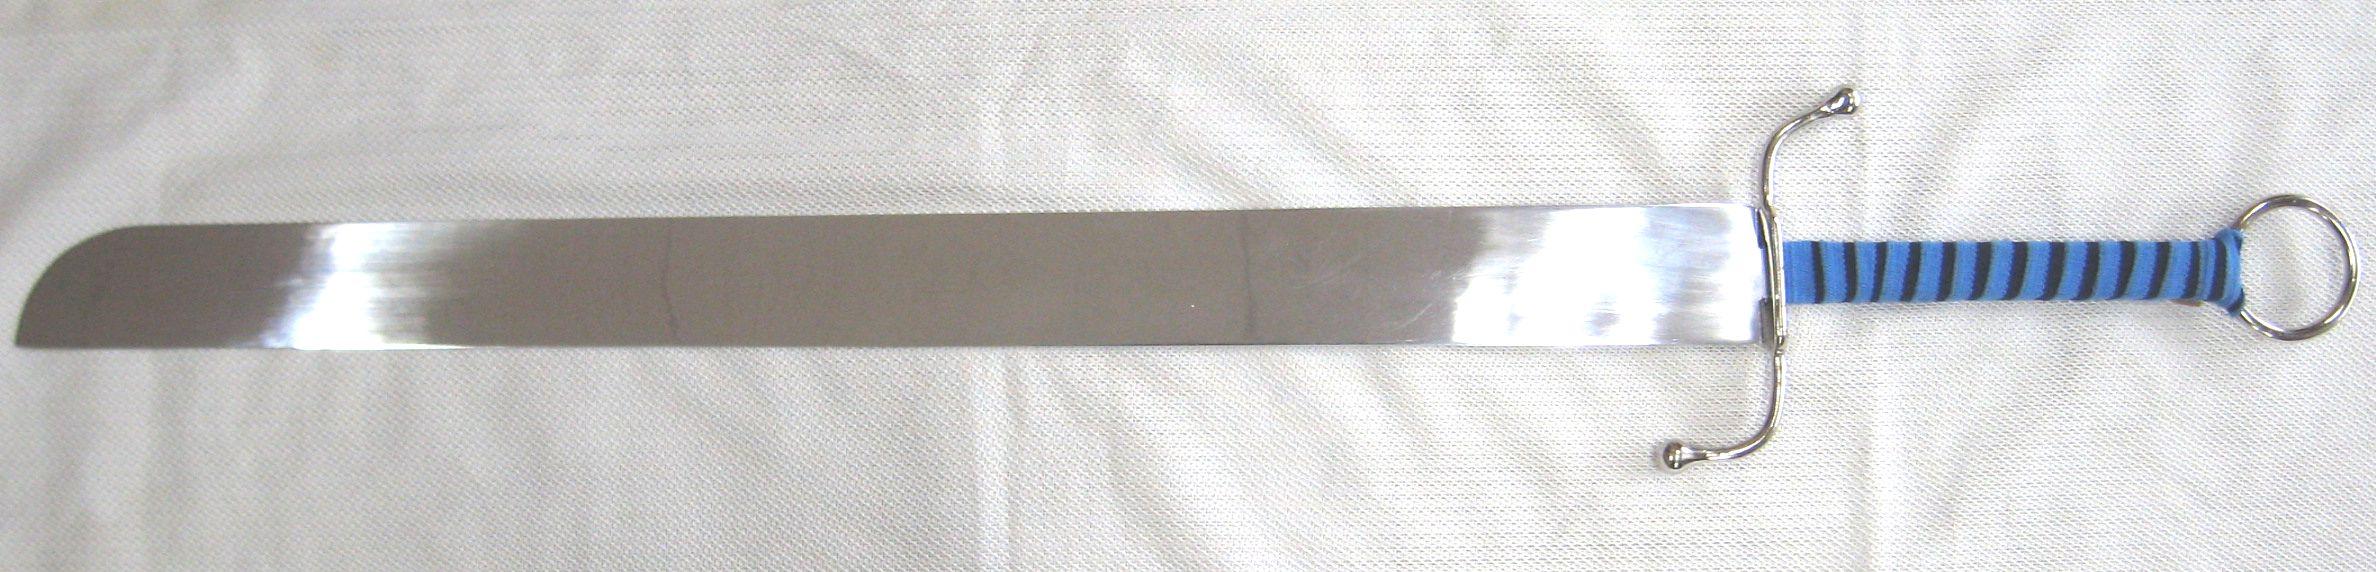 南刀 太極拳 太極拳用品 太極拳グッズ 武術 カンフー DVD VCD